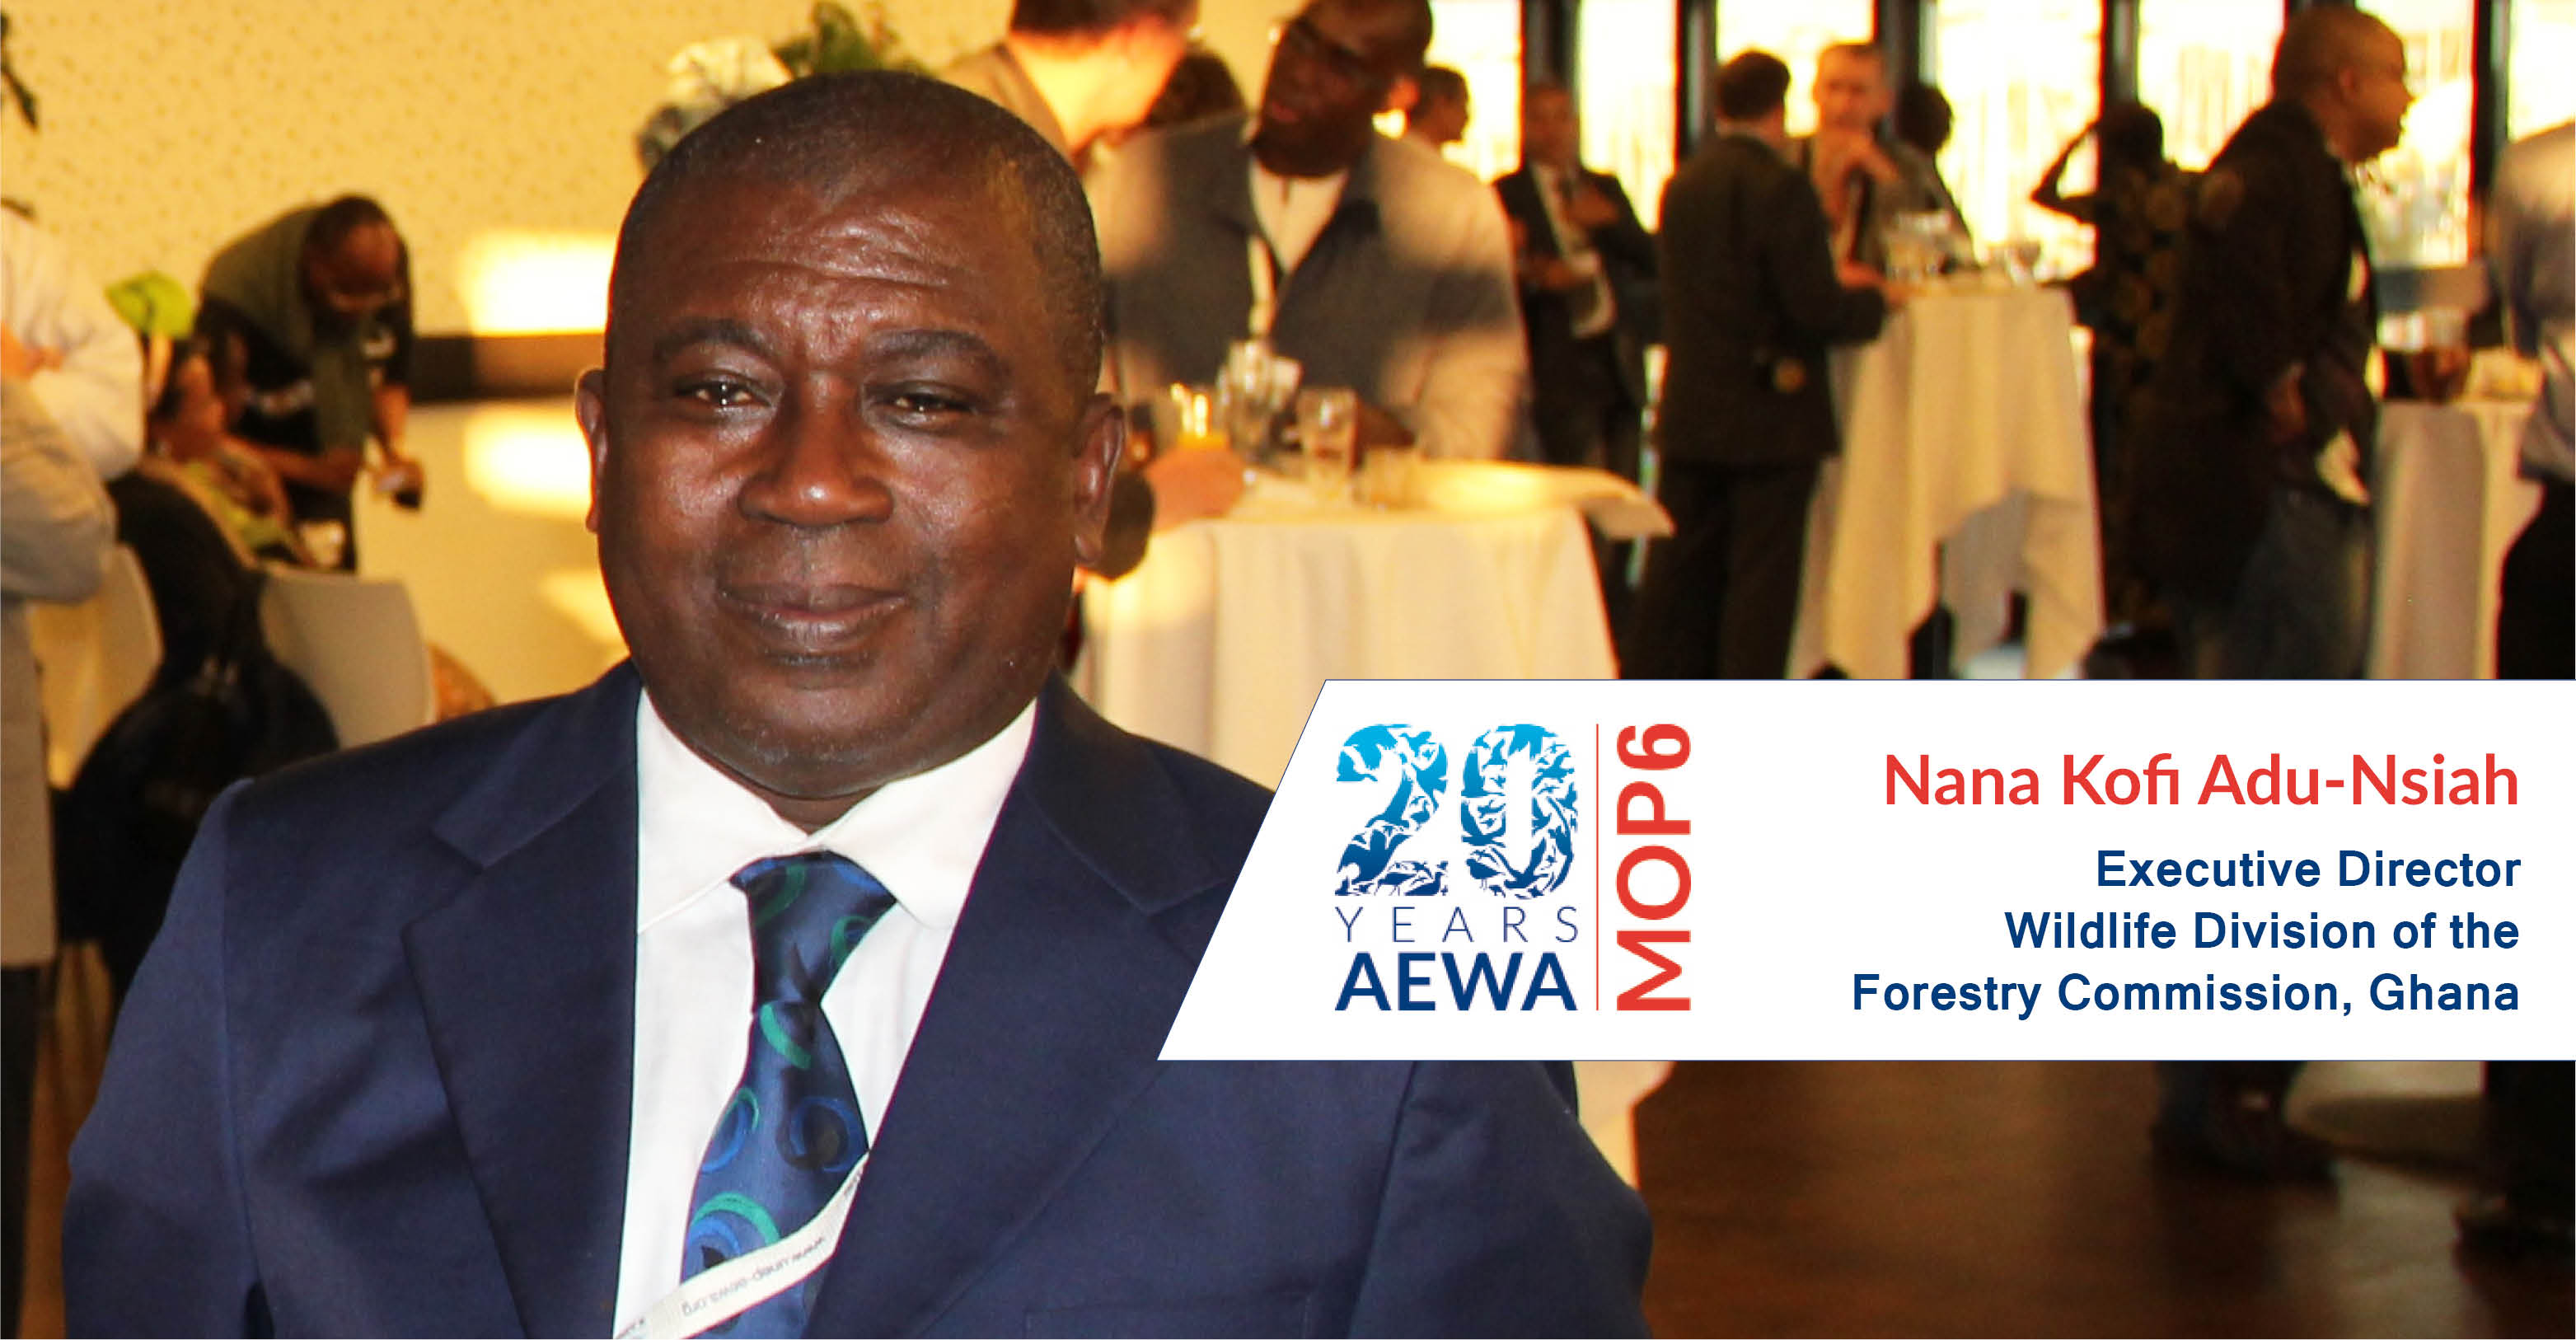 People behind AEWA - Kofi Adu-Nsiah